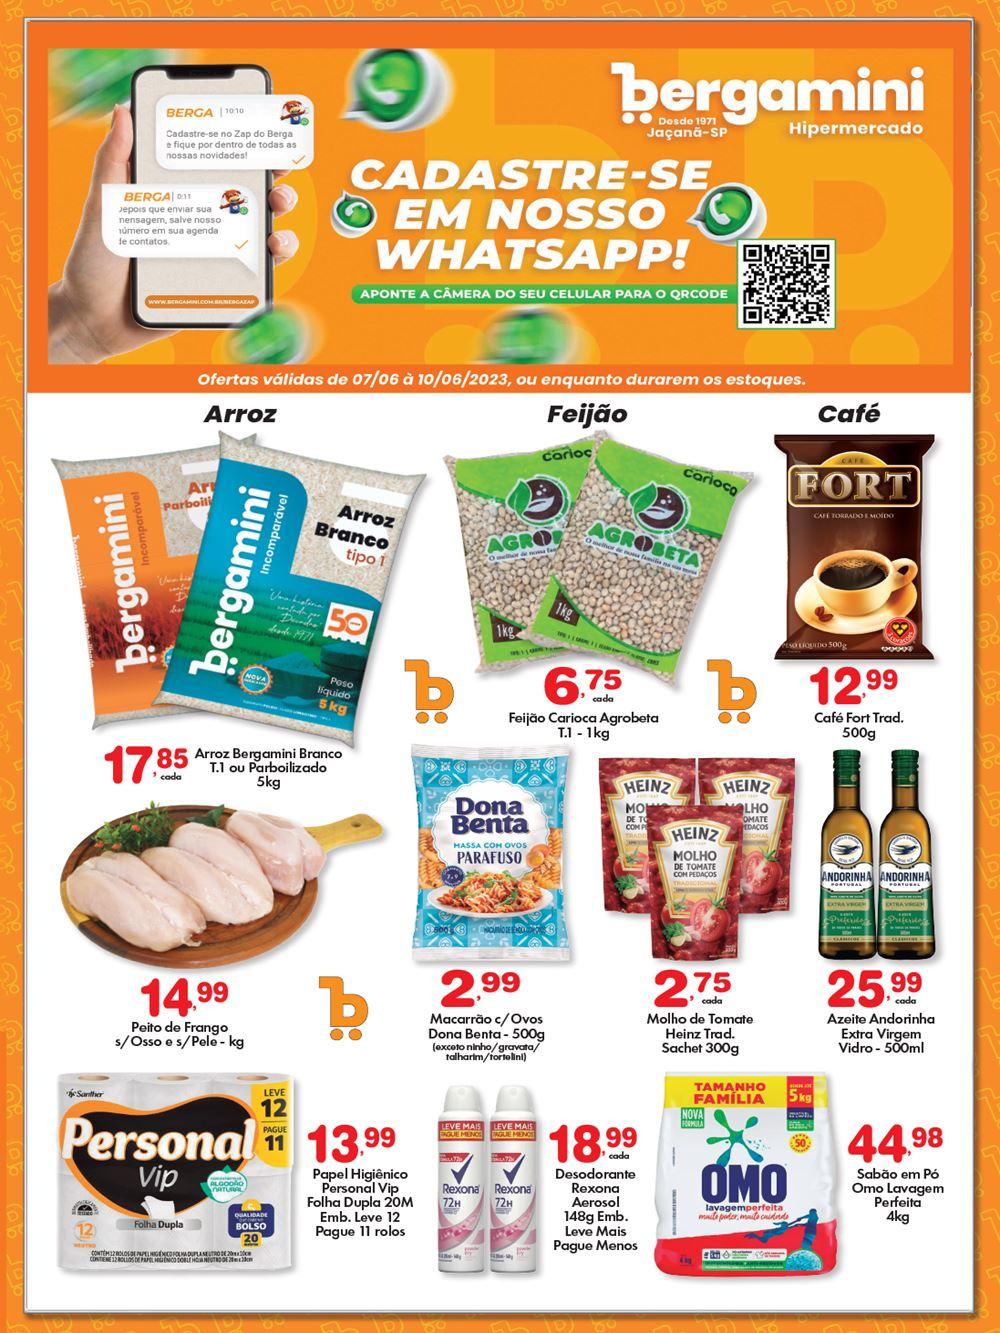 bergamini-ofertas-descontos-hoje1-32 Ofertas de supermercados